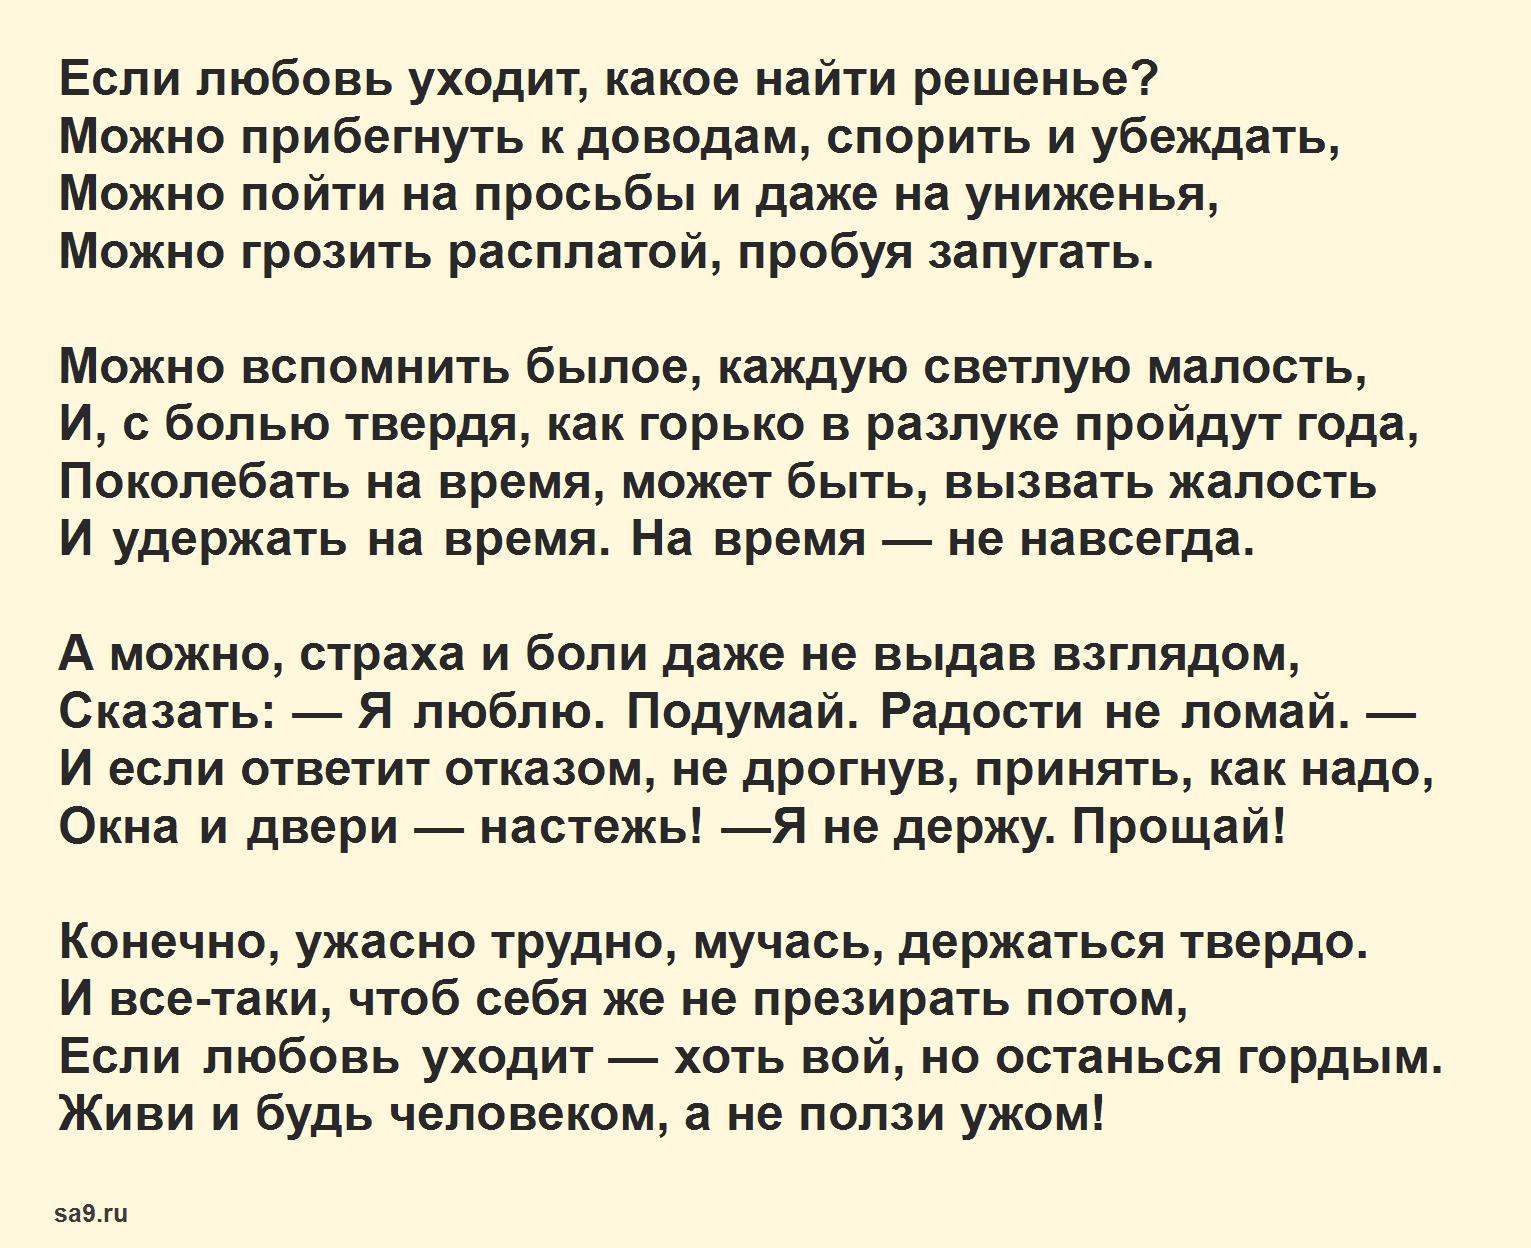 Стихи поэтов о любви, Асадов